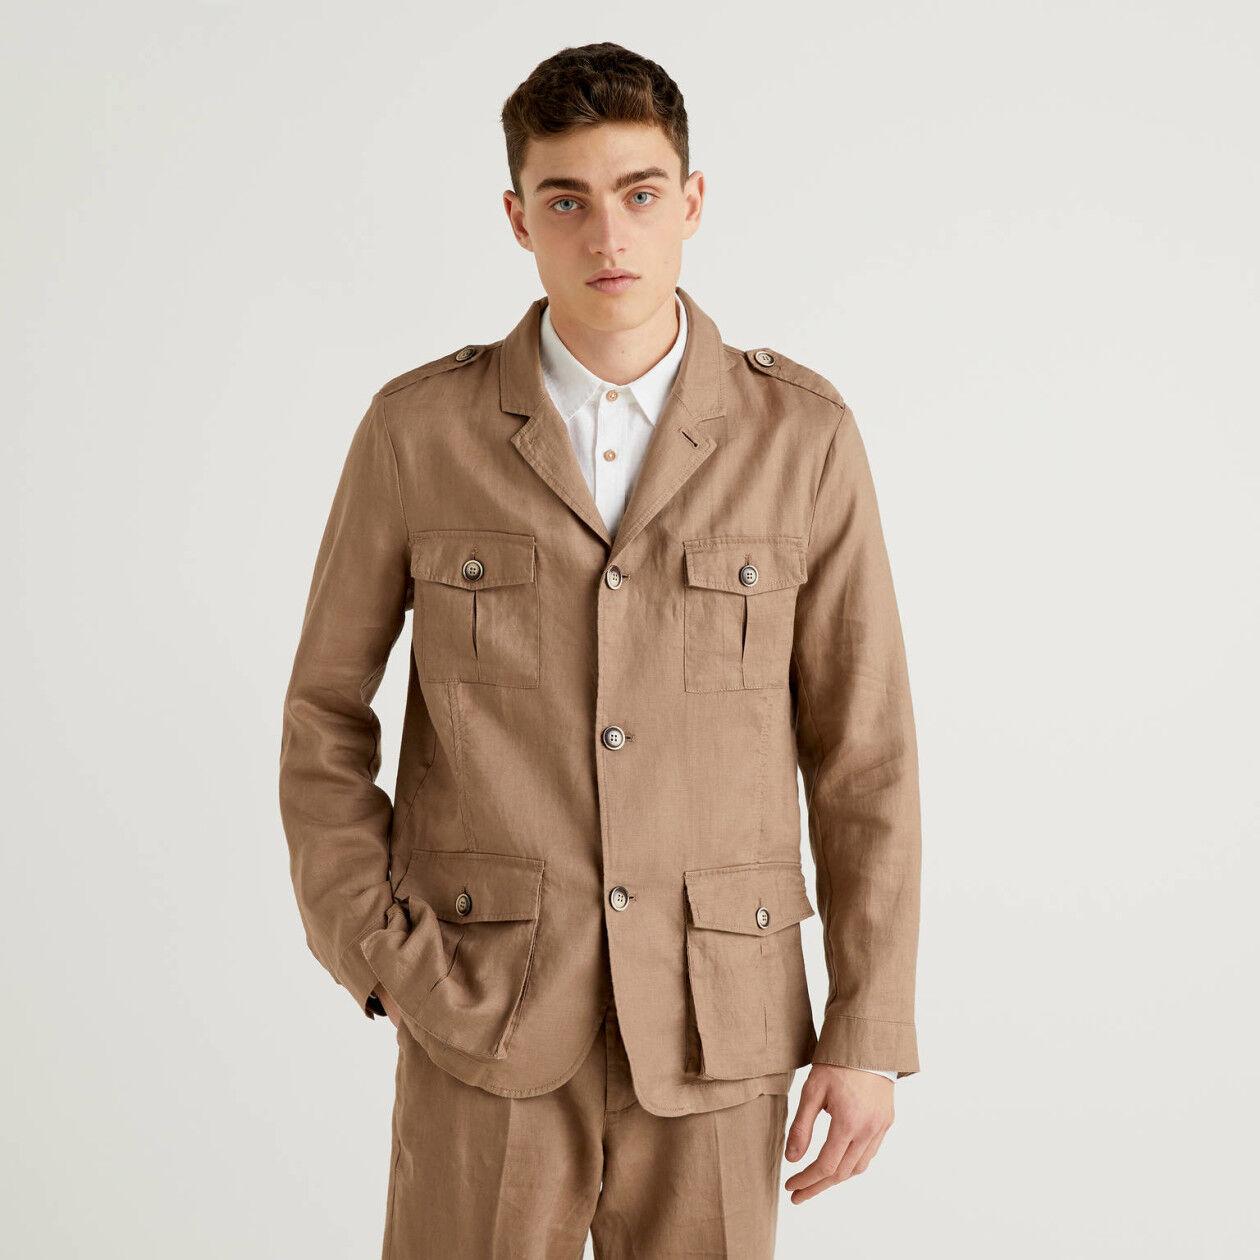 Jacke aus reinem Leinen mit Taschen